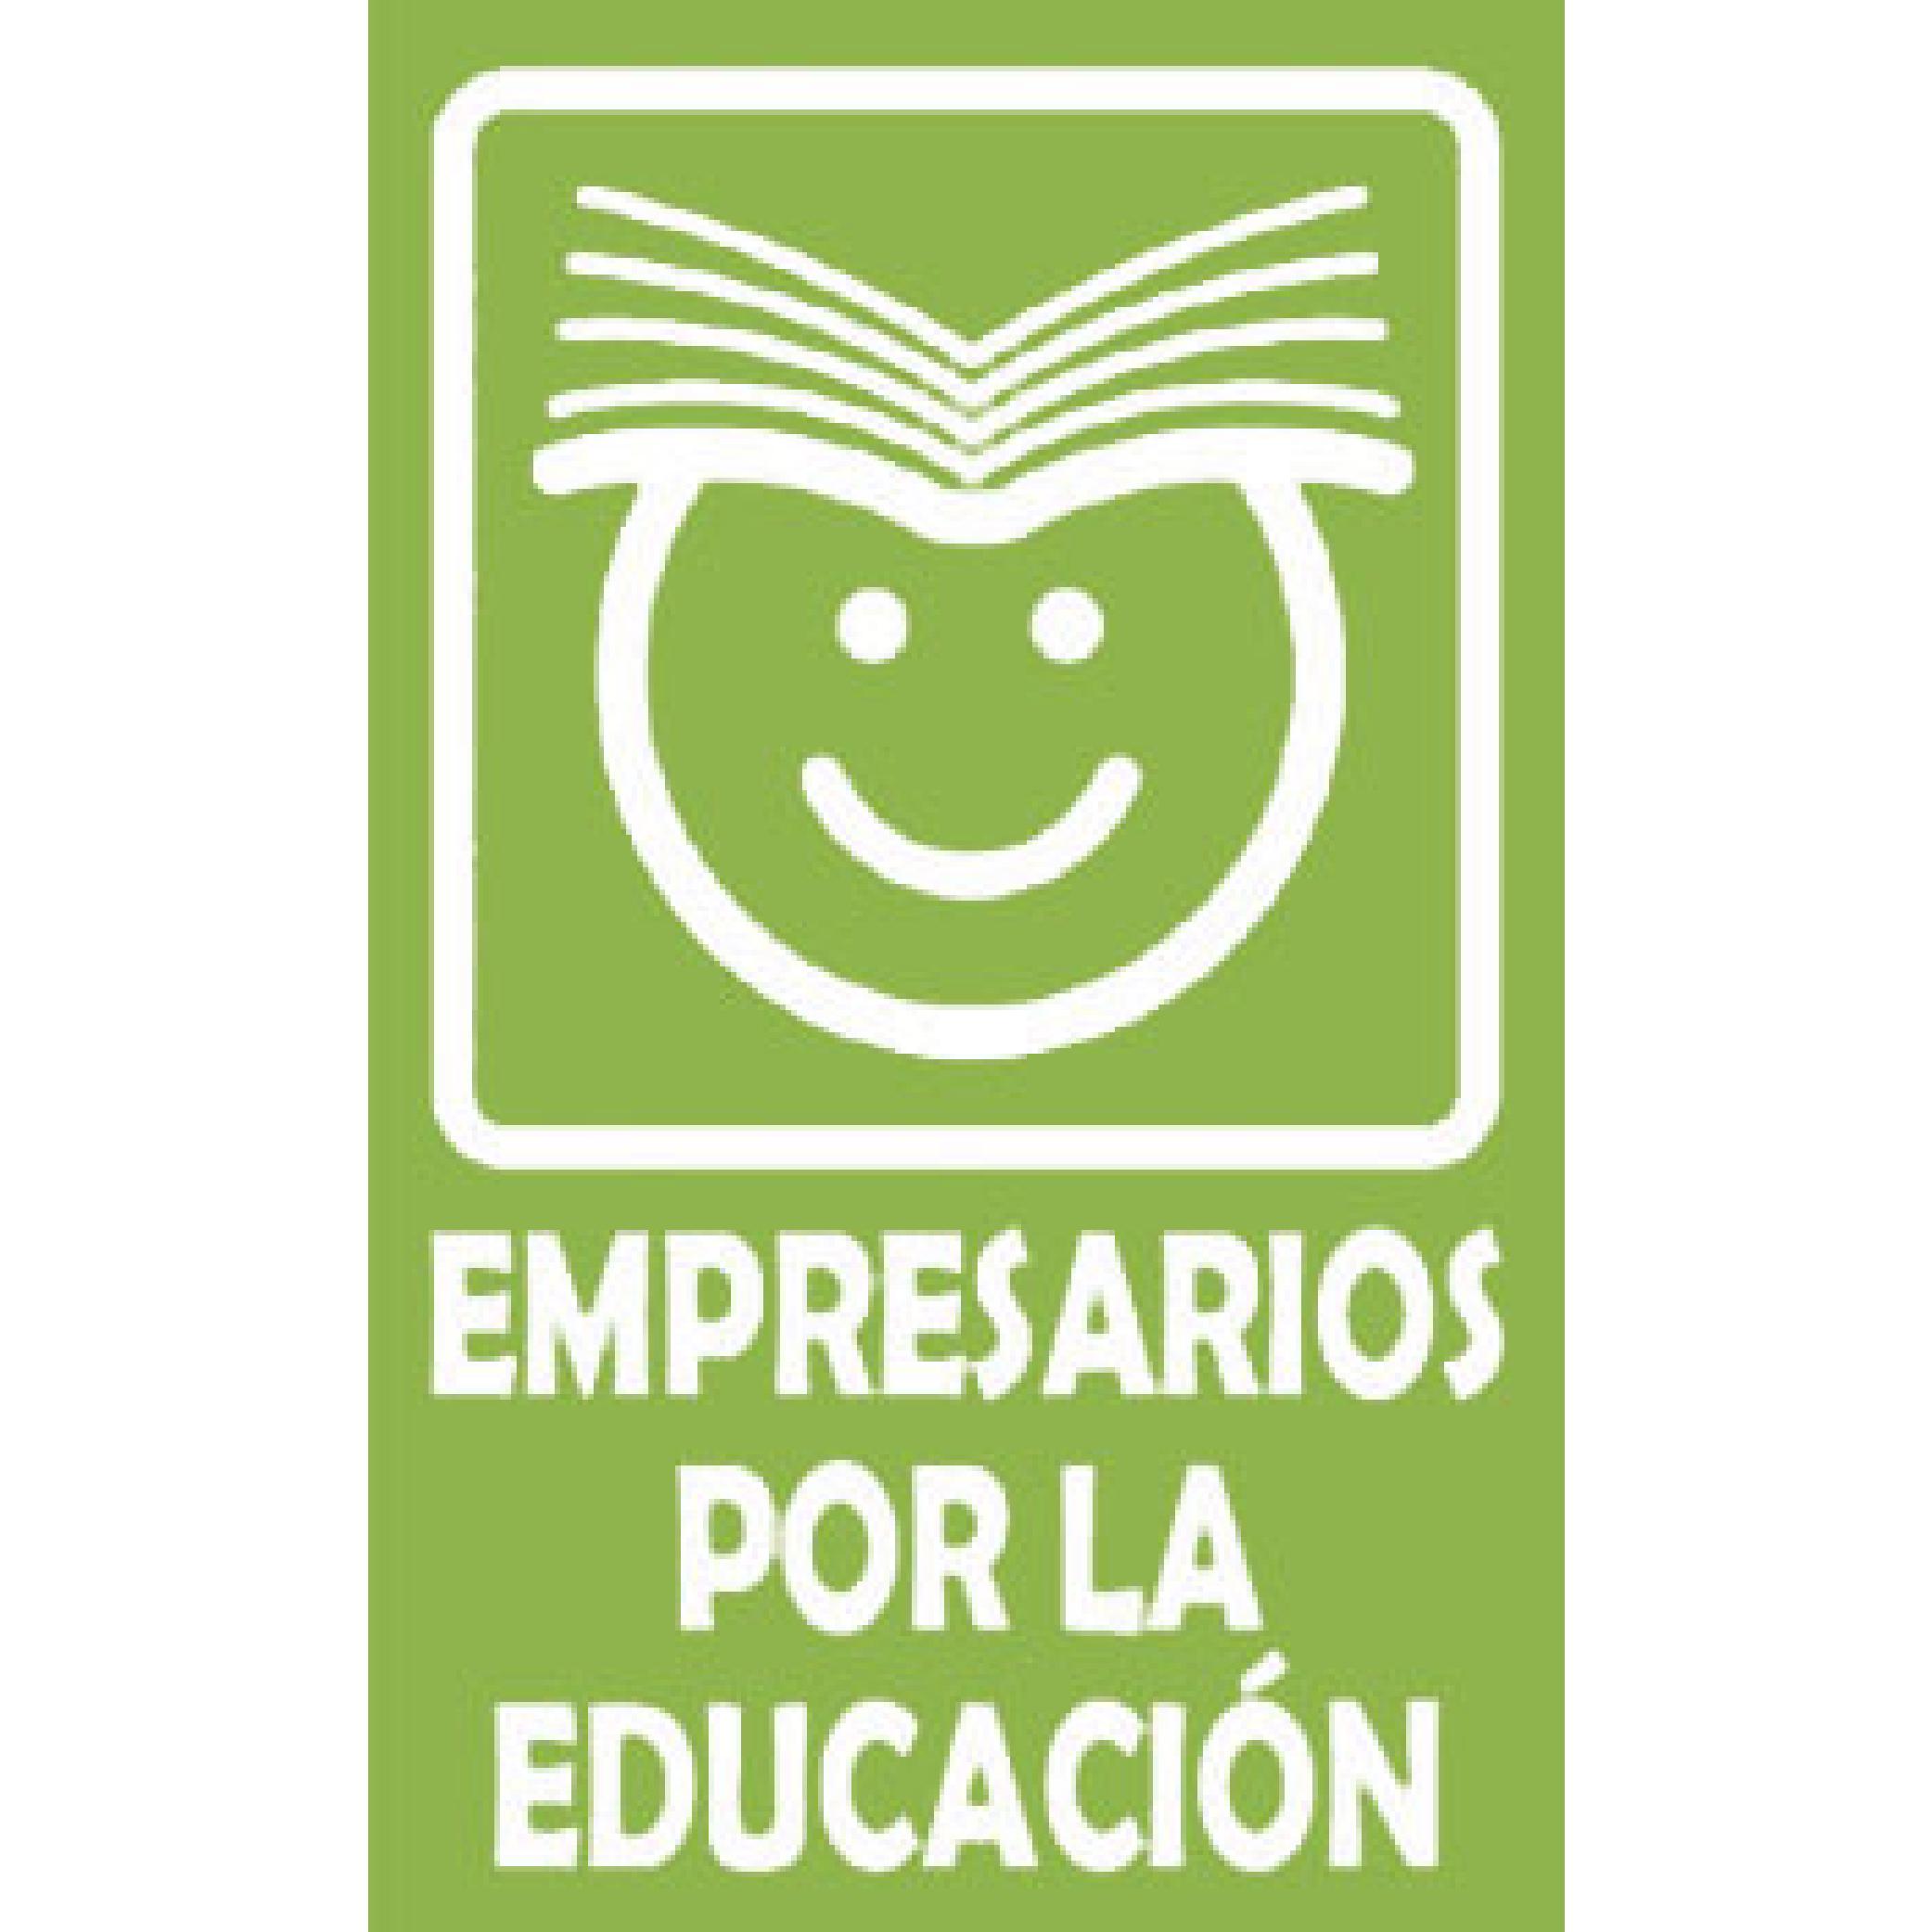 Copia de Empresarios por la Educacion